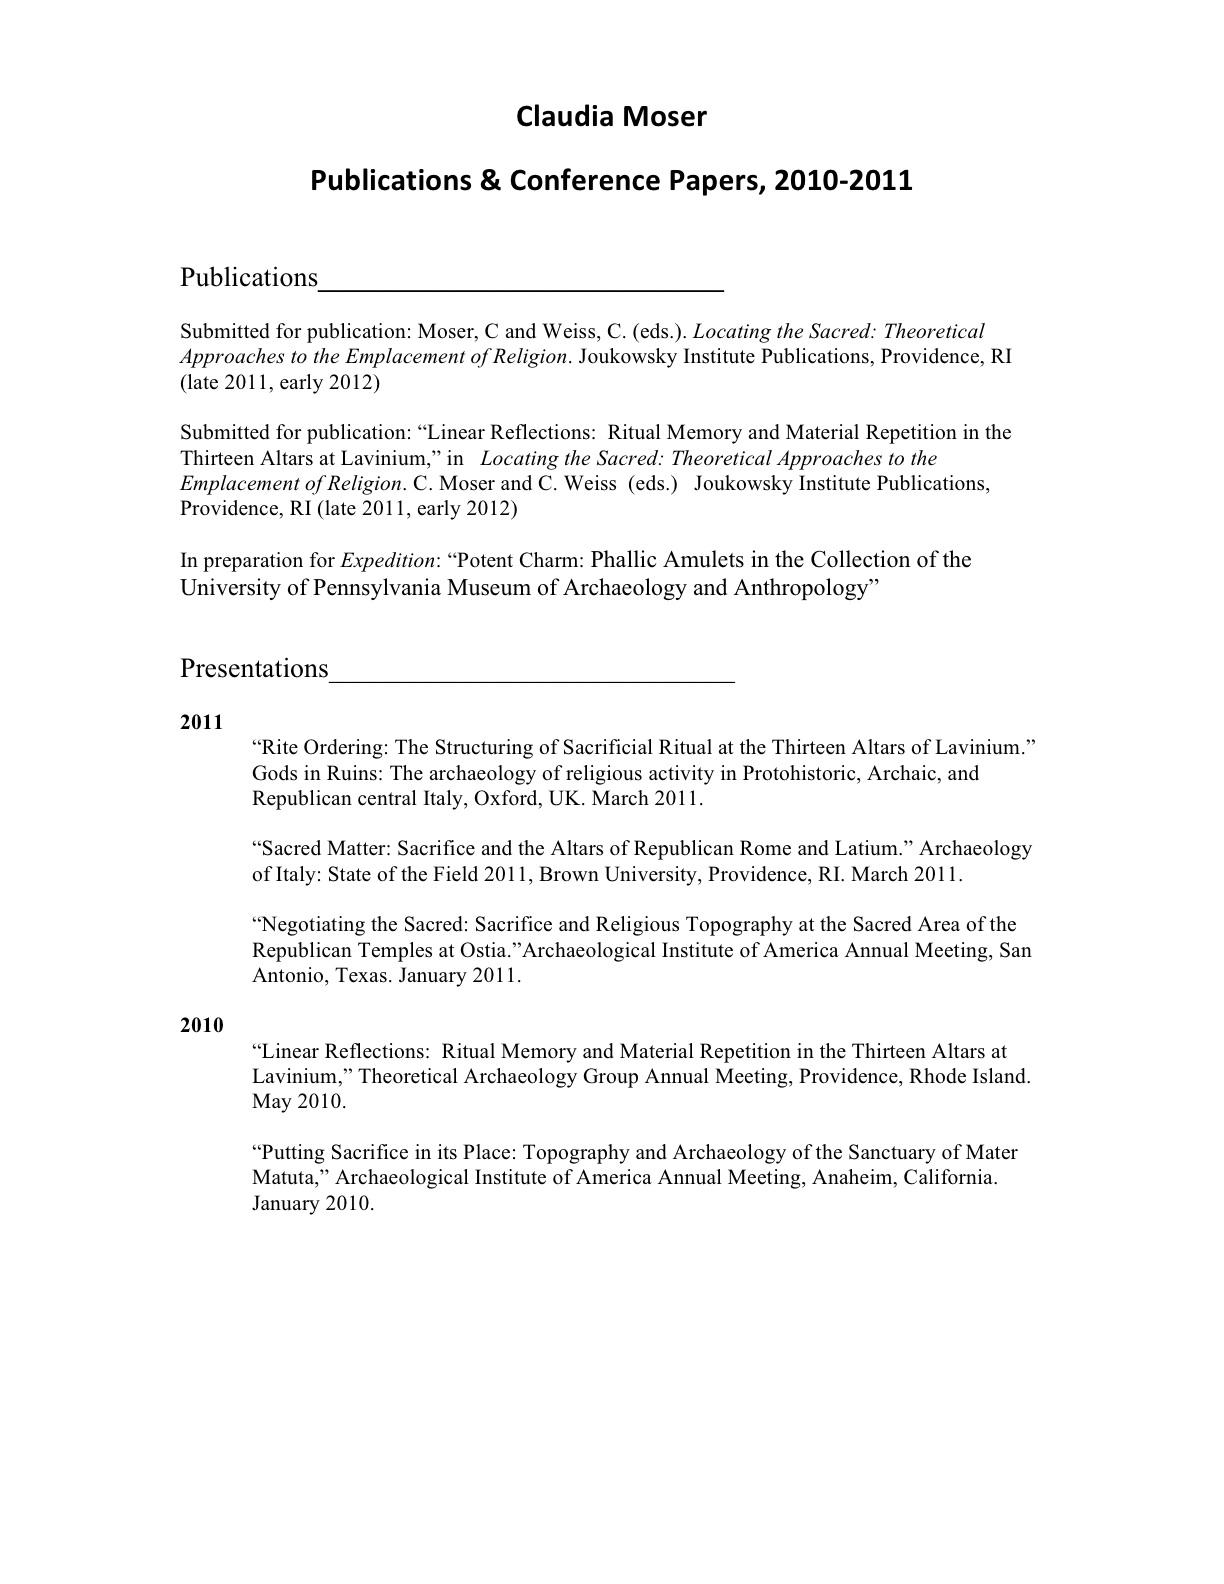 Stanford Dissertation Fellowships